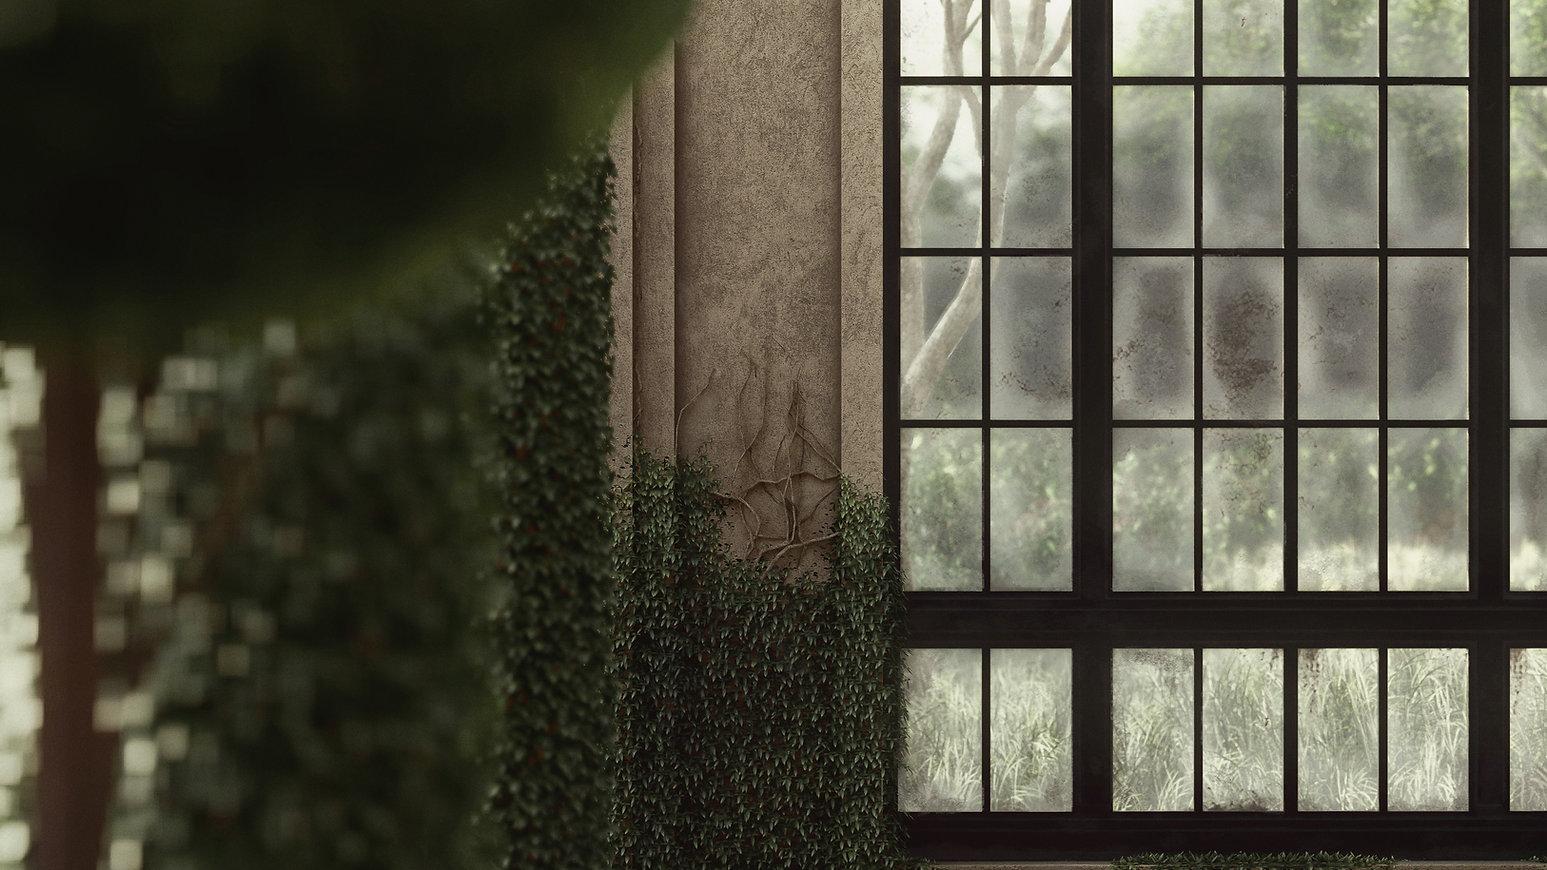 Longwood, Lumion Render of Longwood Gardens, Render by Ark Visuals